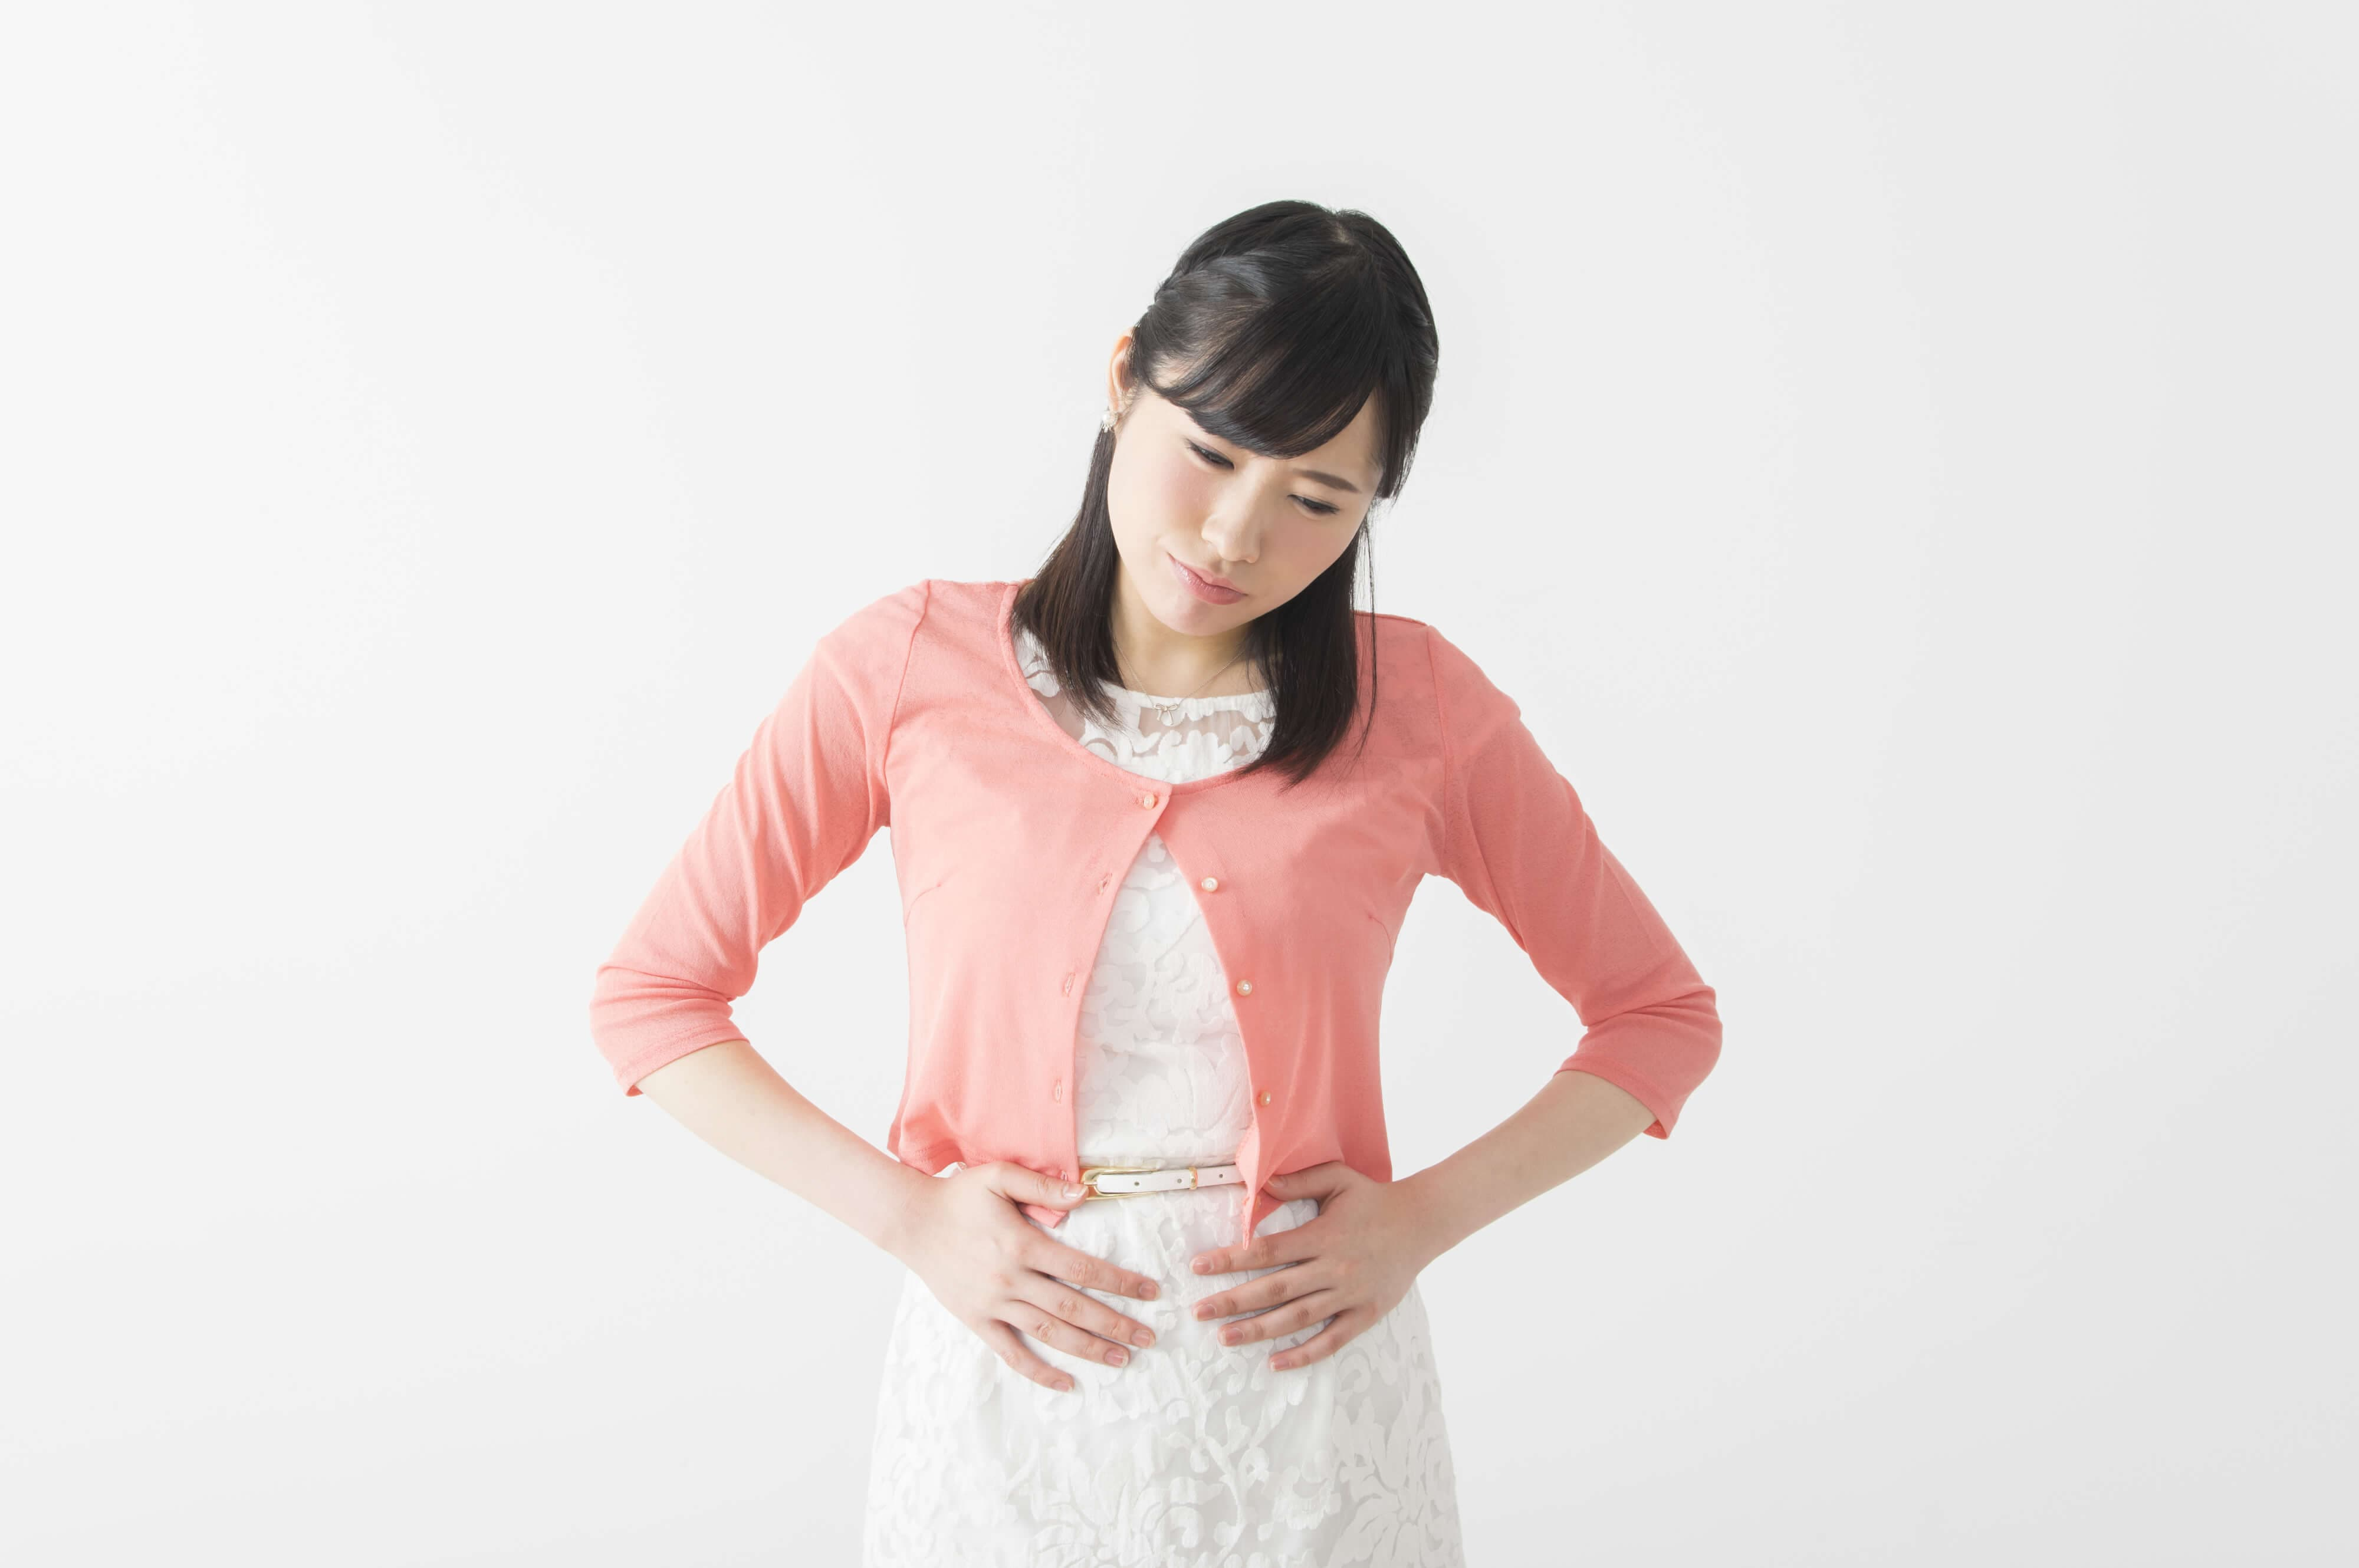 不正出血の原因はストレス?妊活中のストレスの影響